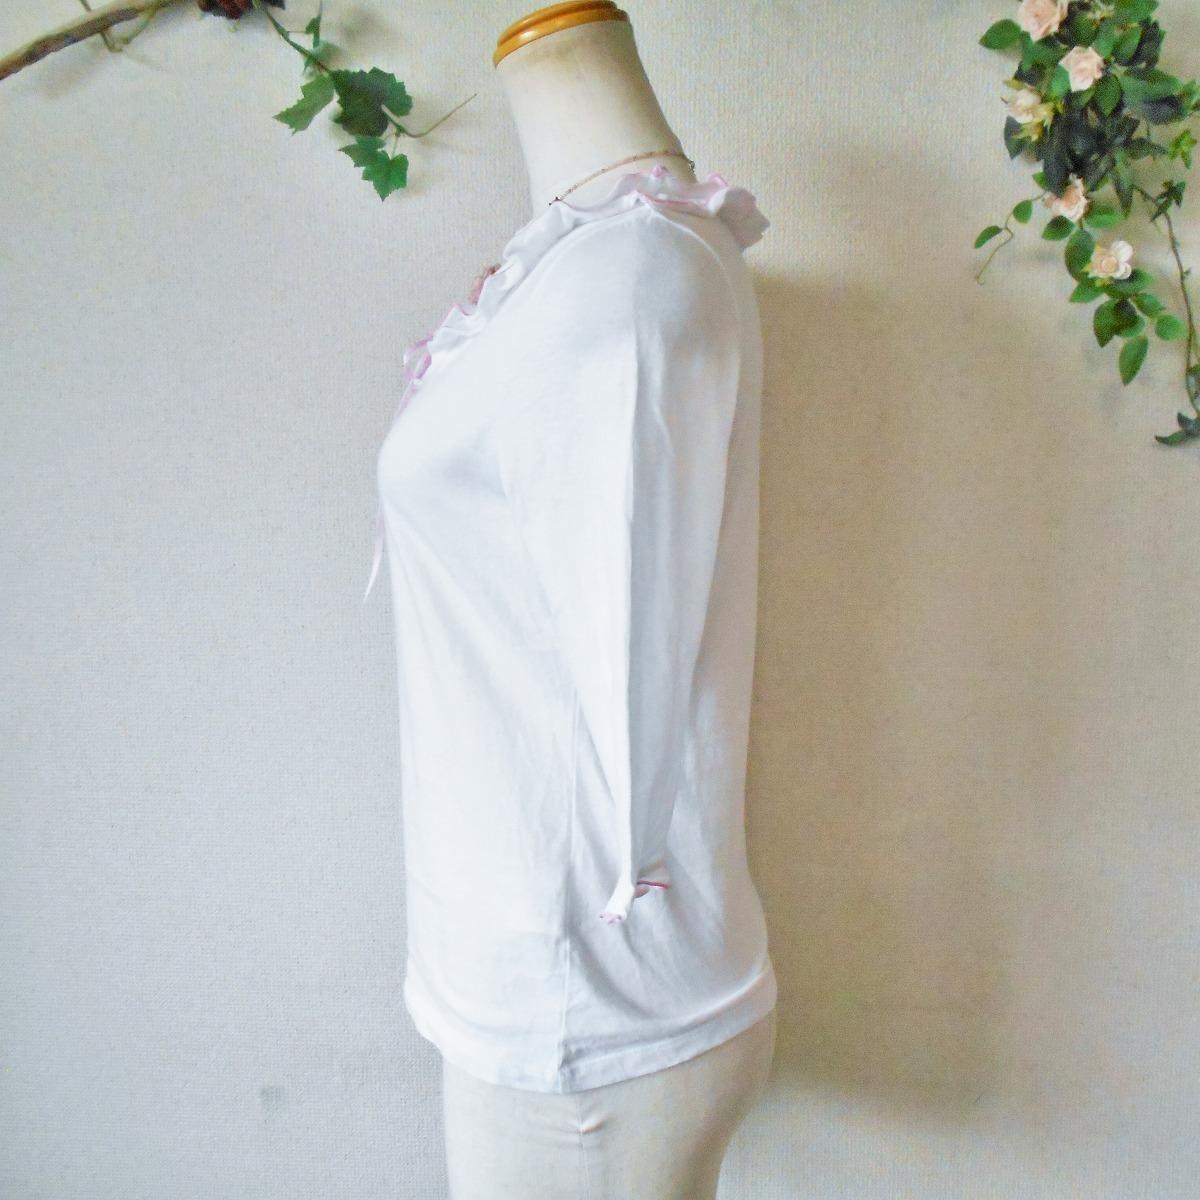 レストローズ LEST ROSE はしご リボン & フリル の 可愛い 7分袖 カットソー 日本製 M_画像6